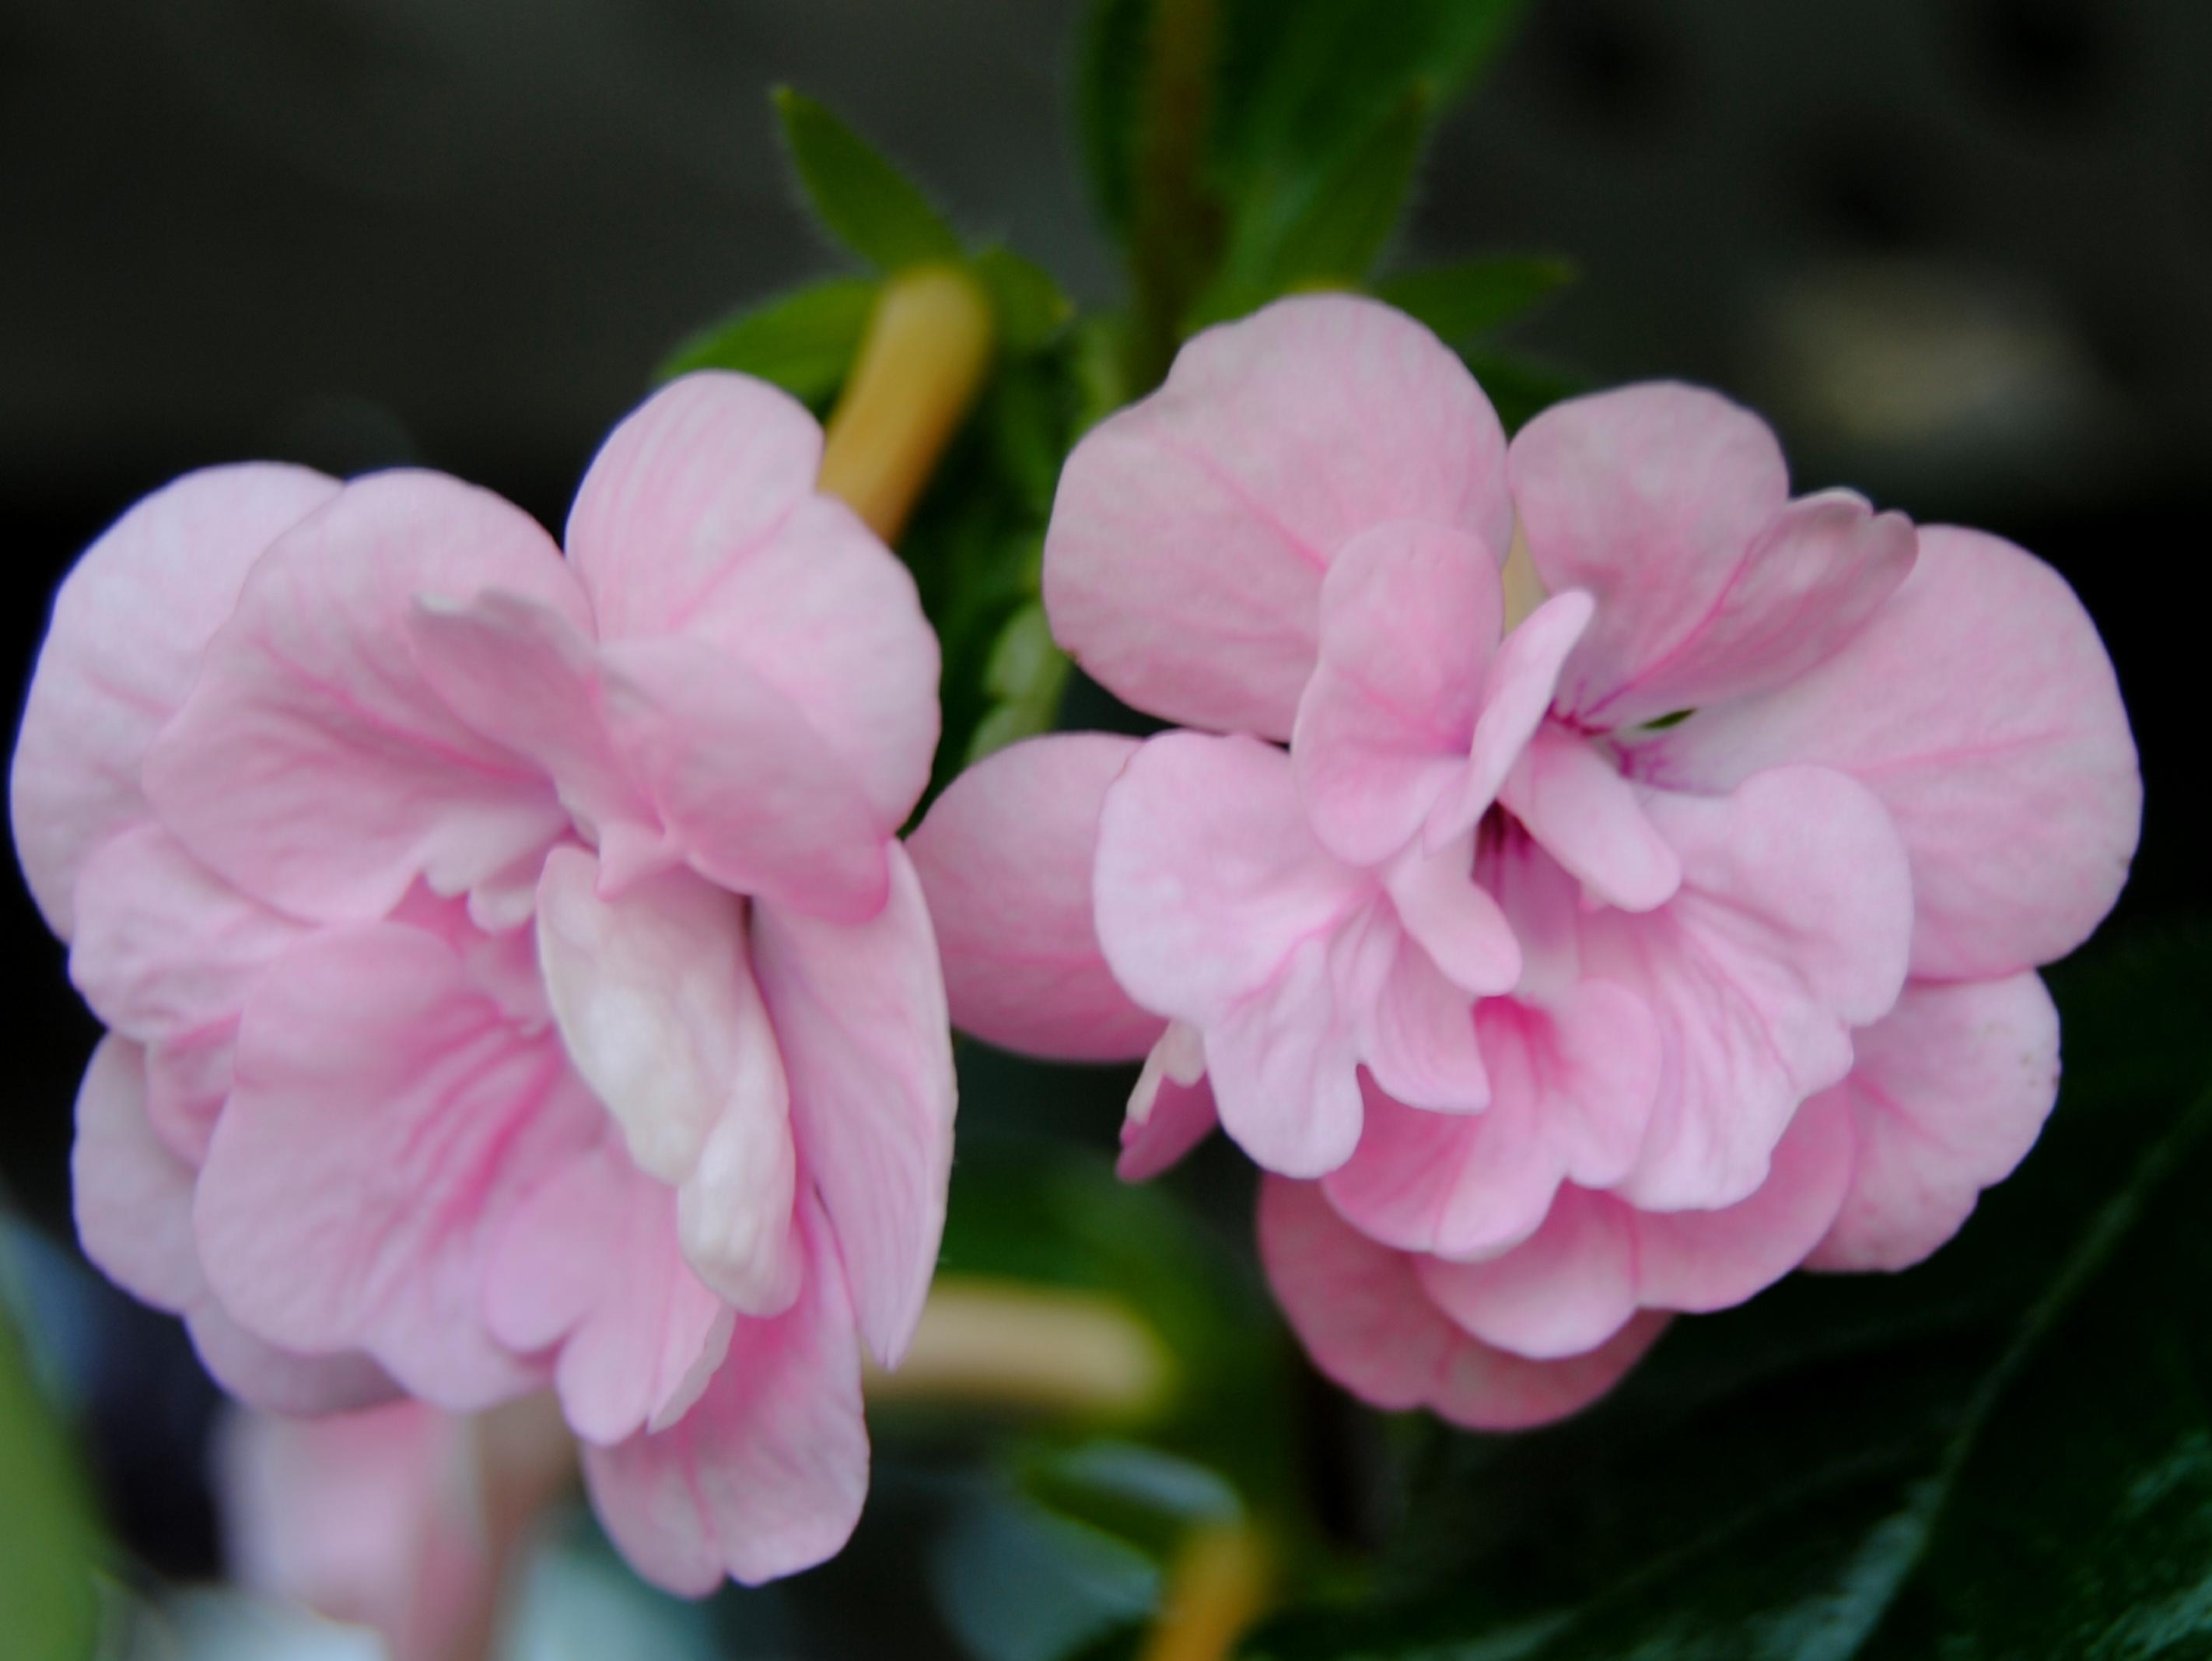 ахименесы розовые махровые фото частный